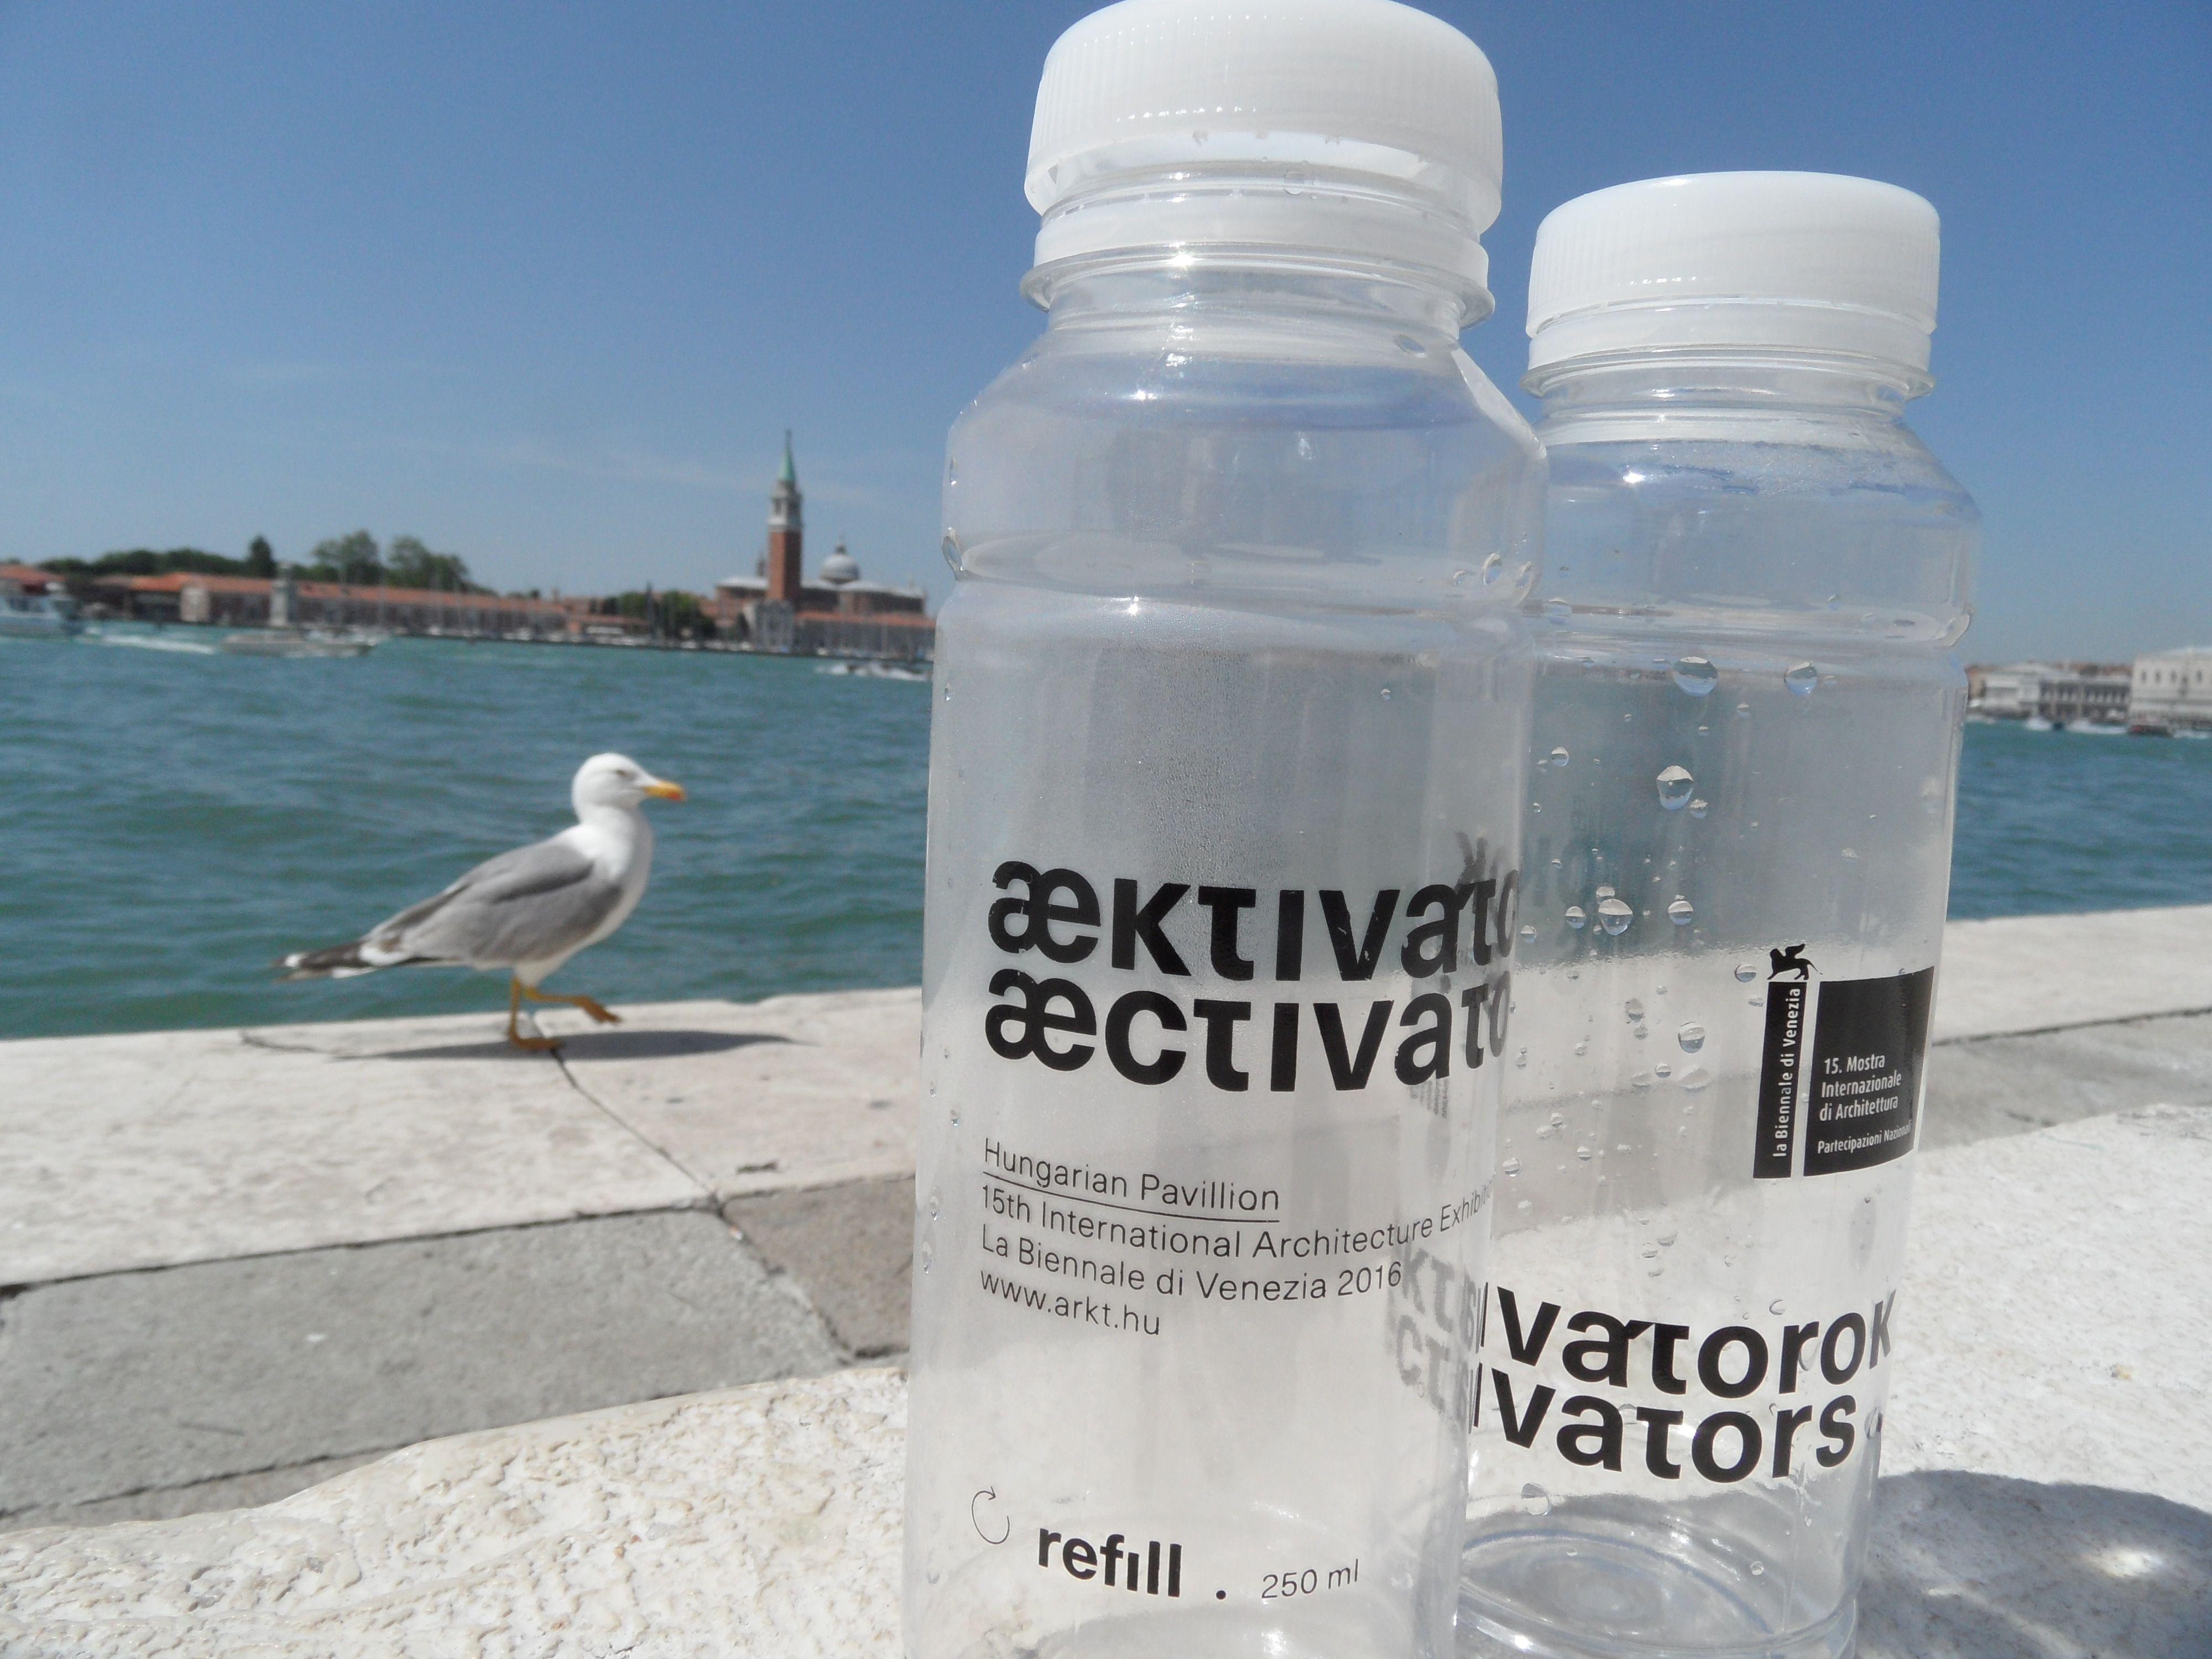 Tíz köbméter ajándékvíz Velencének